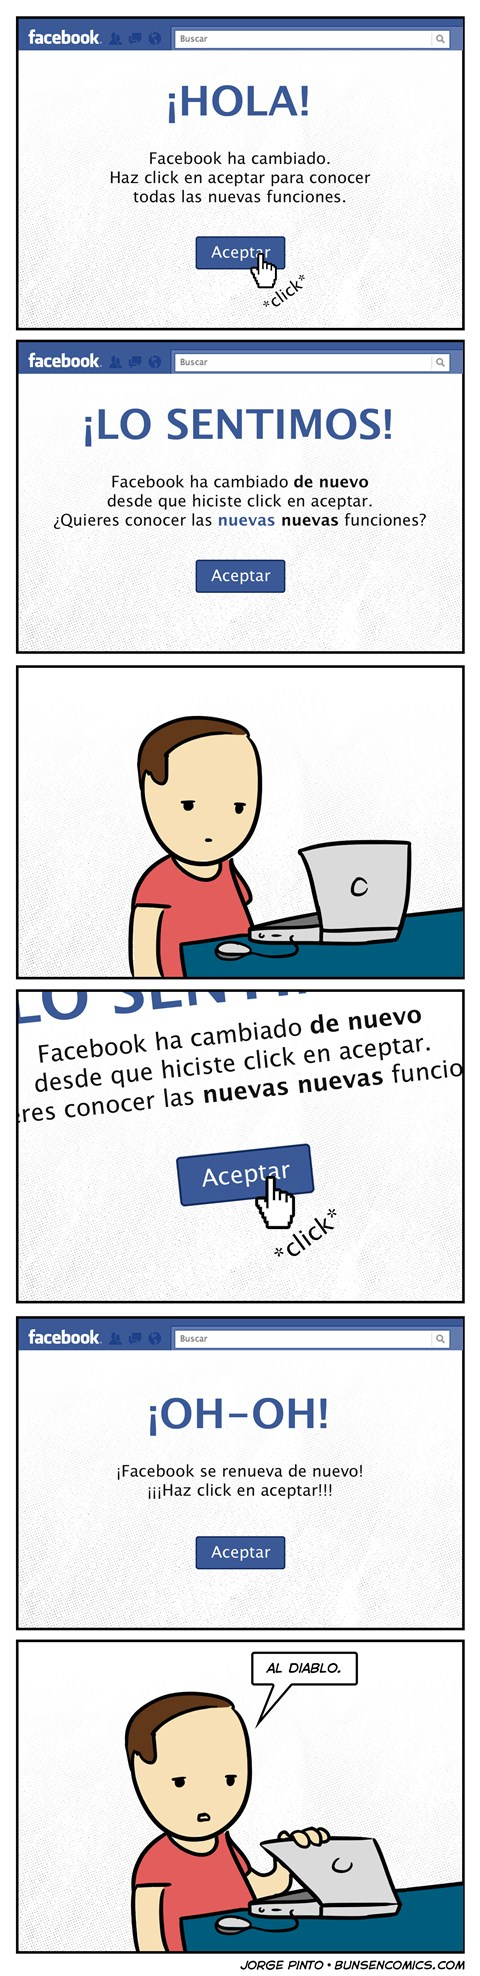 facebook actualizaciones infinitas humor Facebook y sus actualizaciones infinitas [Humor]